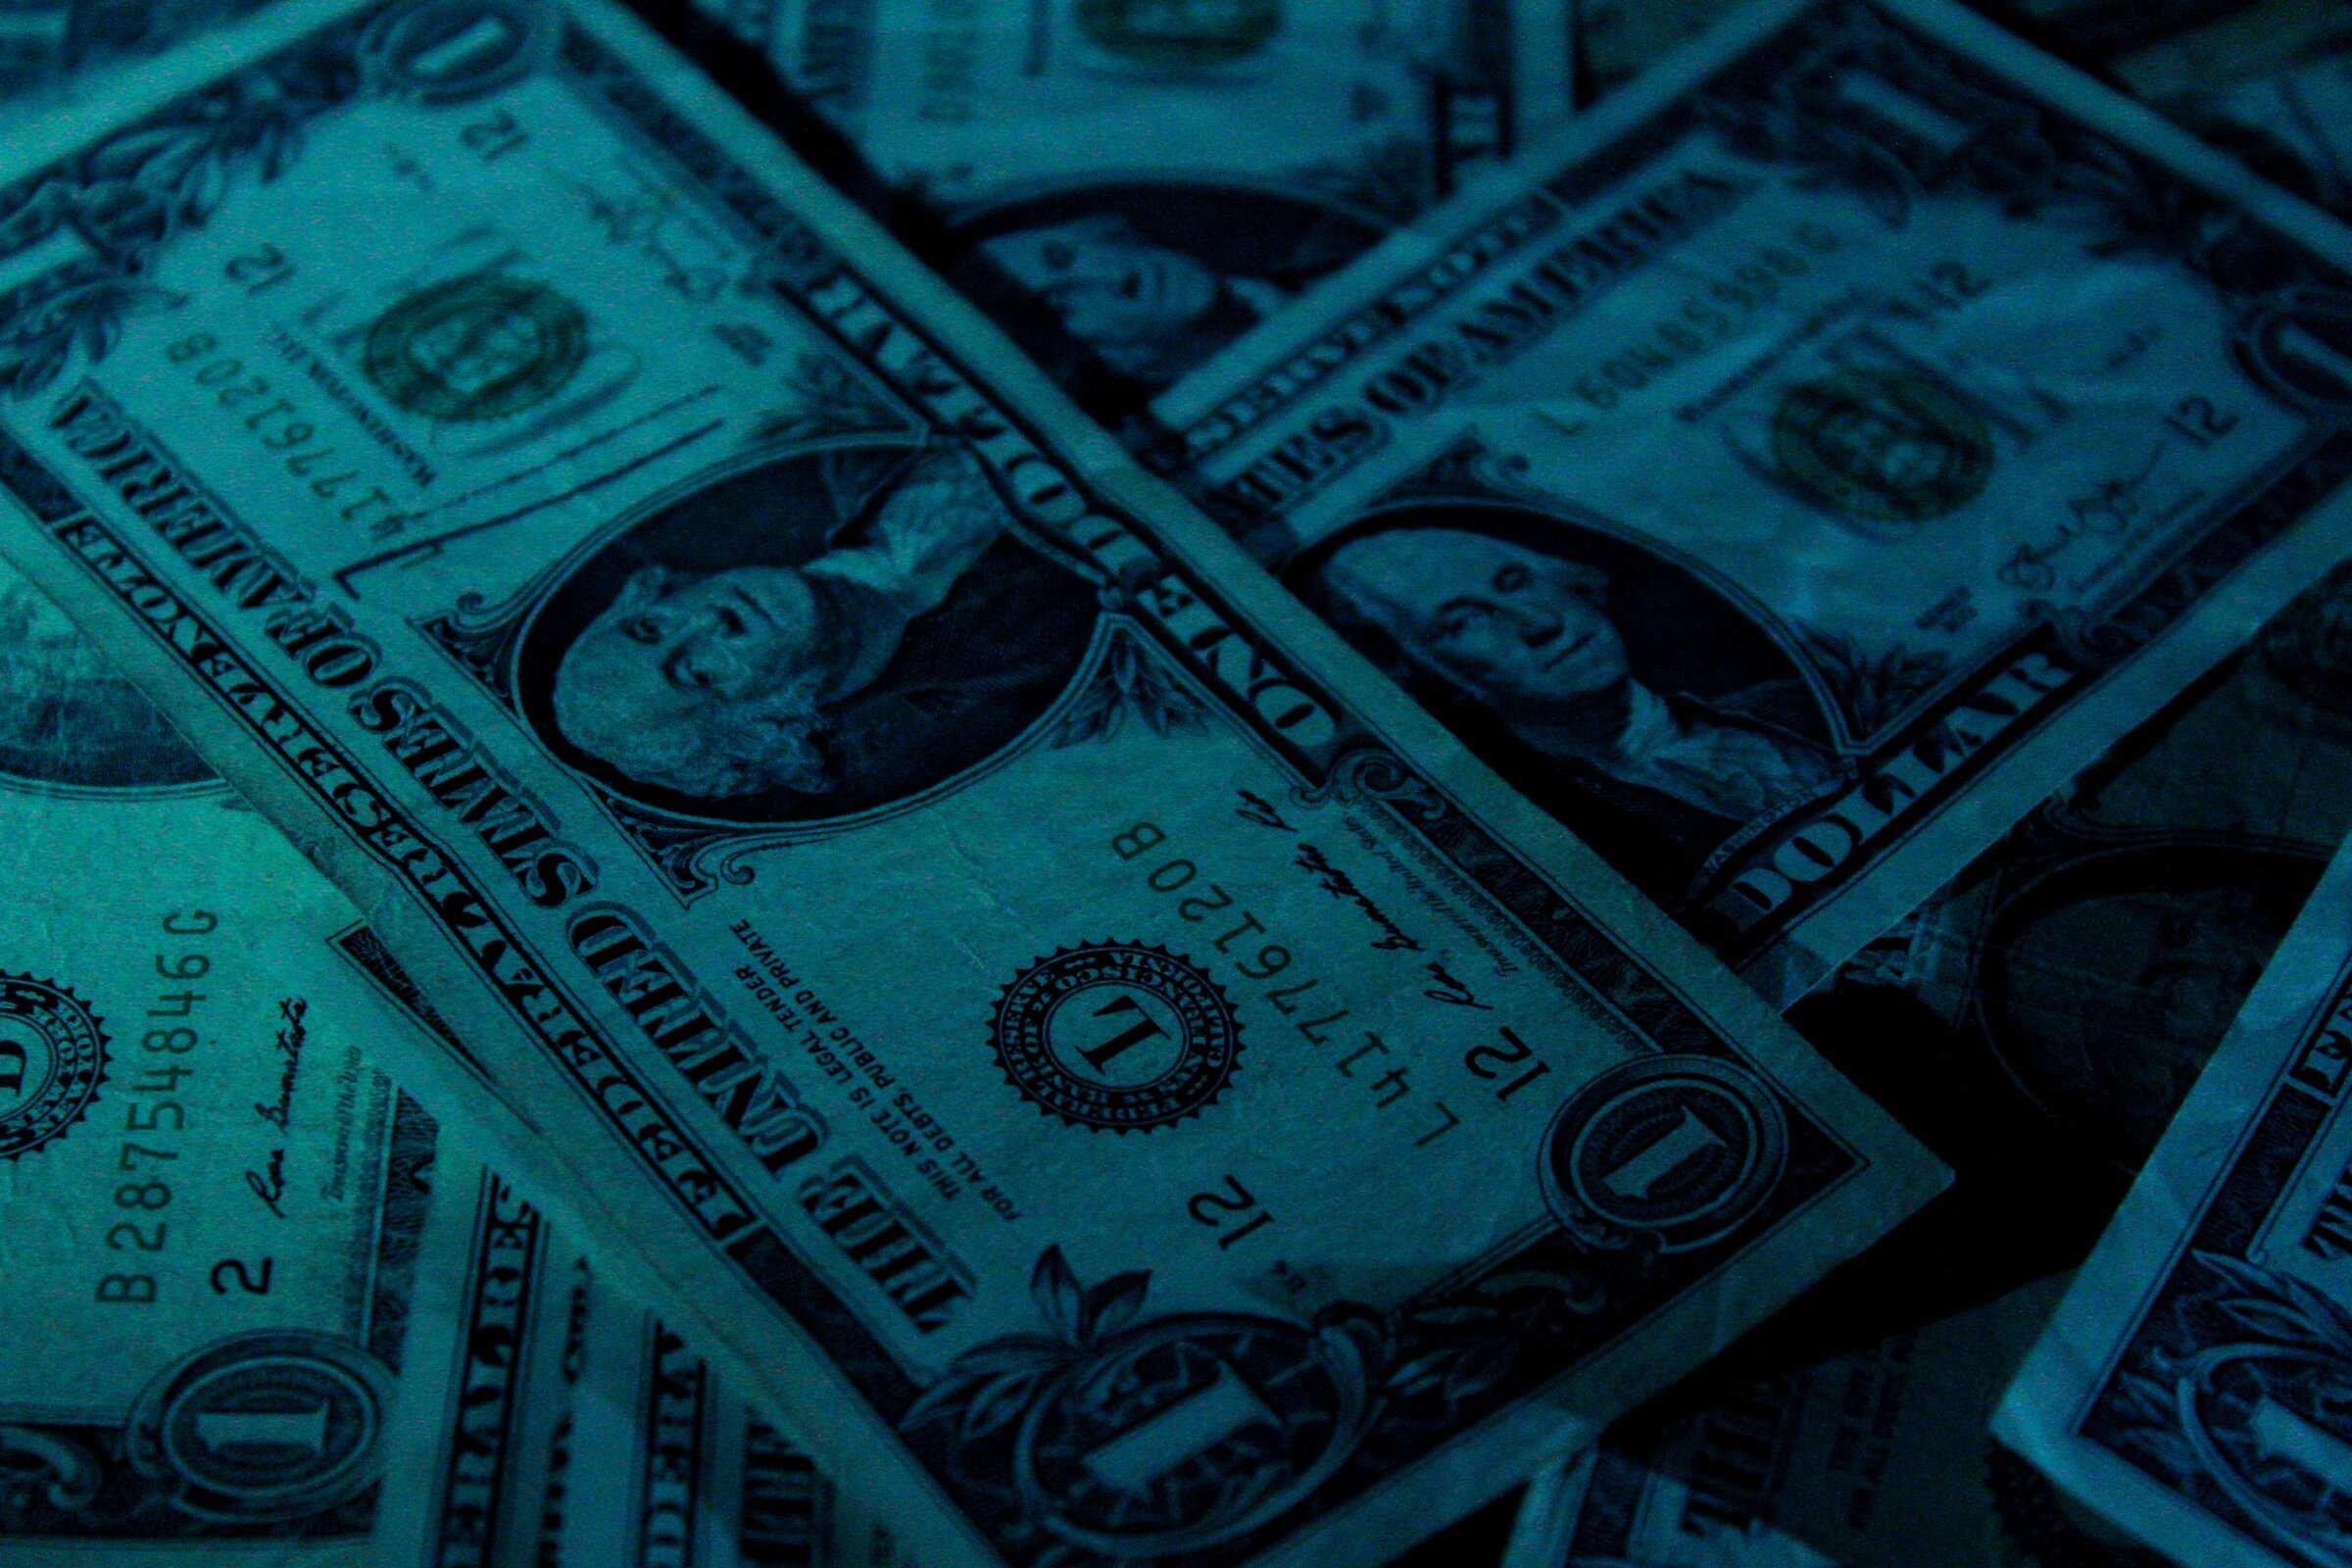 Как выиграть крупную сумму денег в лотерею, где реально можно выиграть деньги